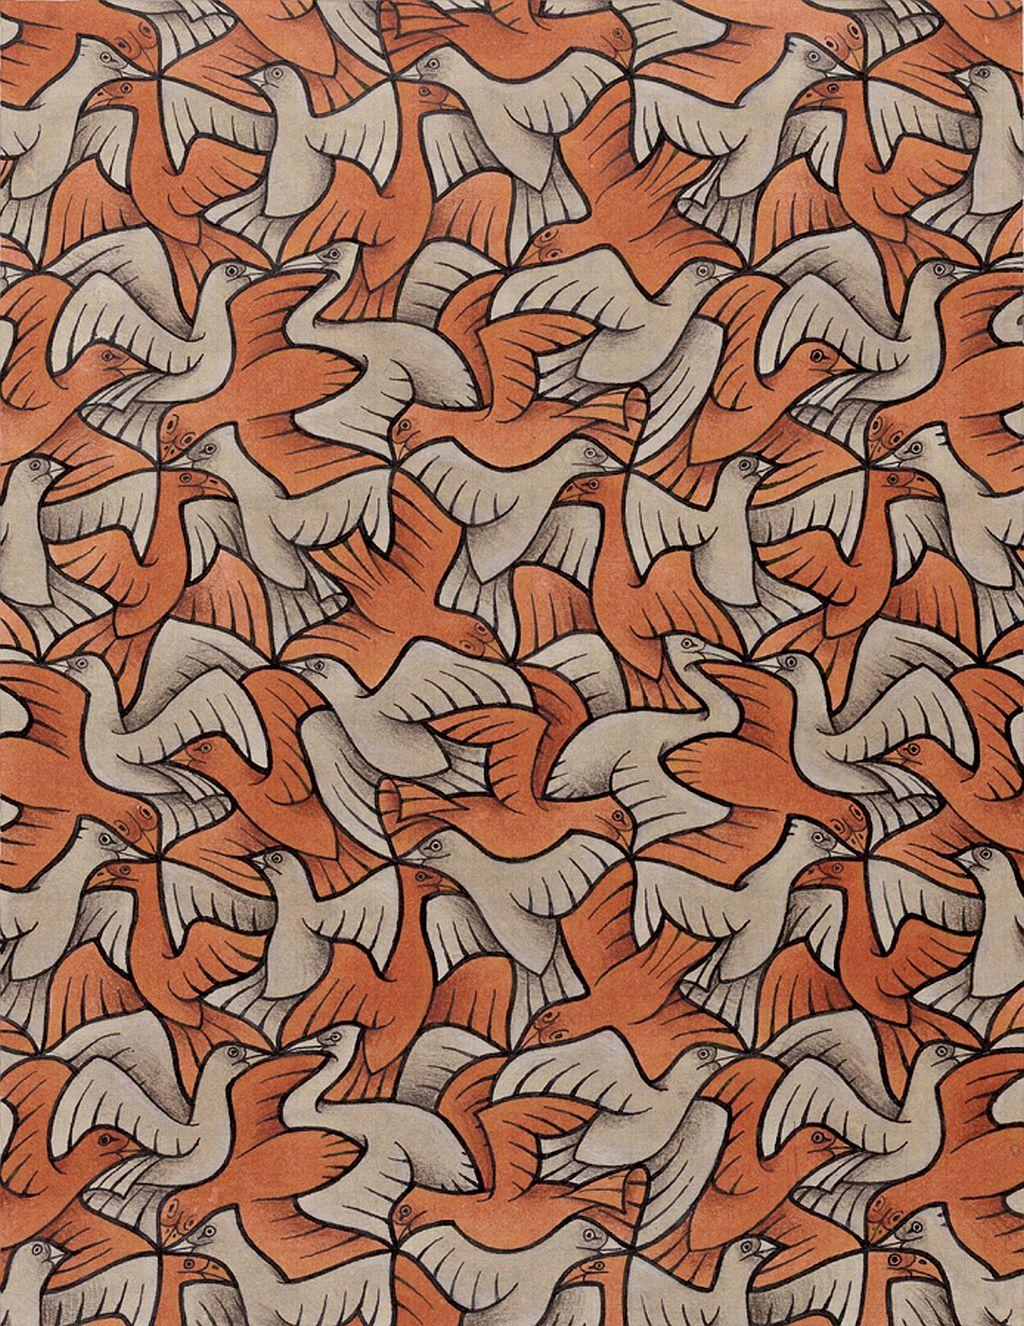 tnl wall mc escher birds tessellations 885378 | MC Escher, 2d and ...